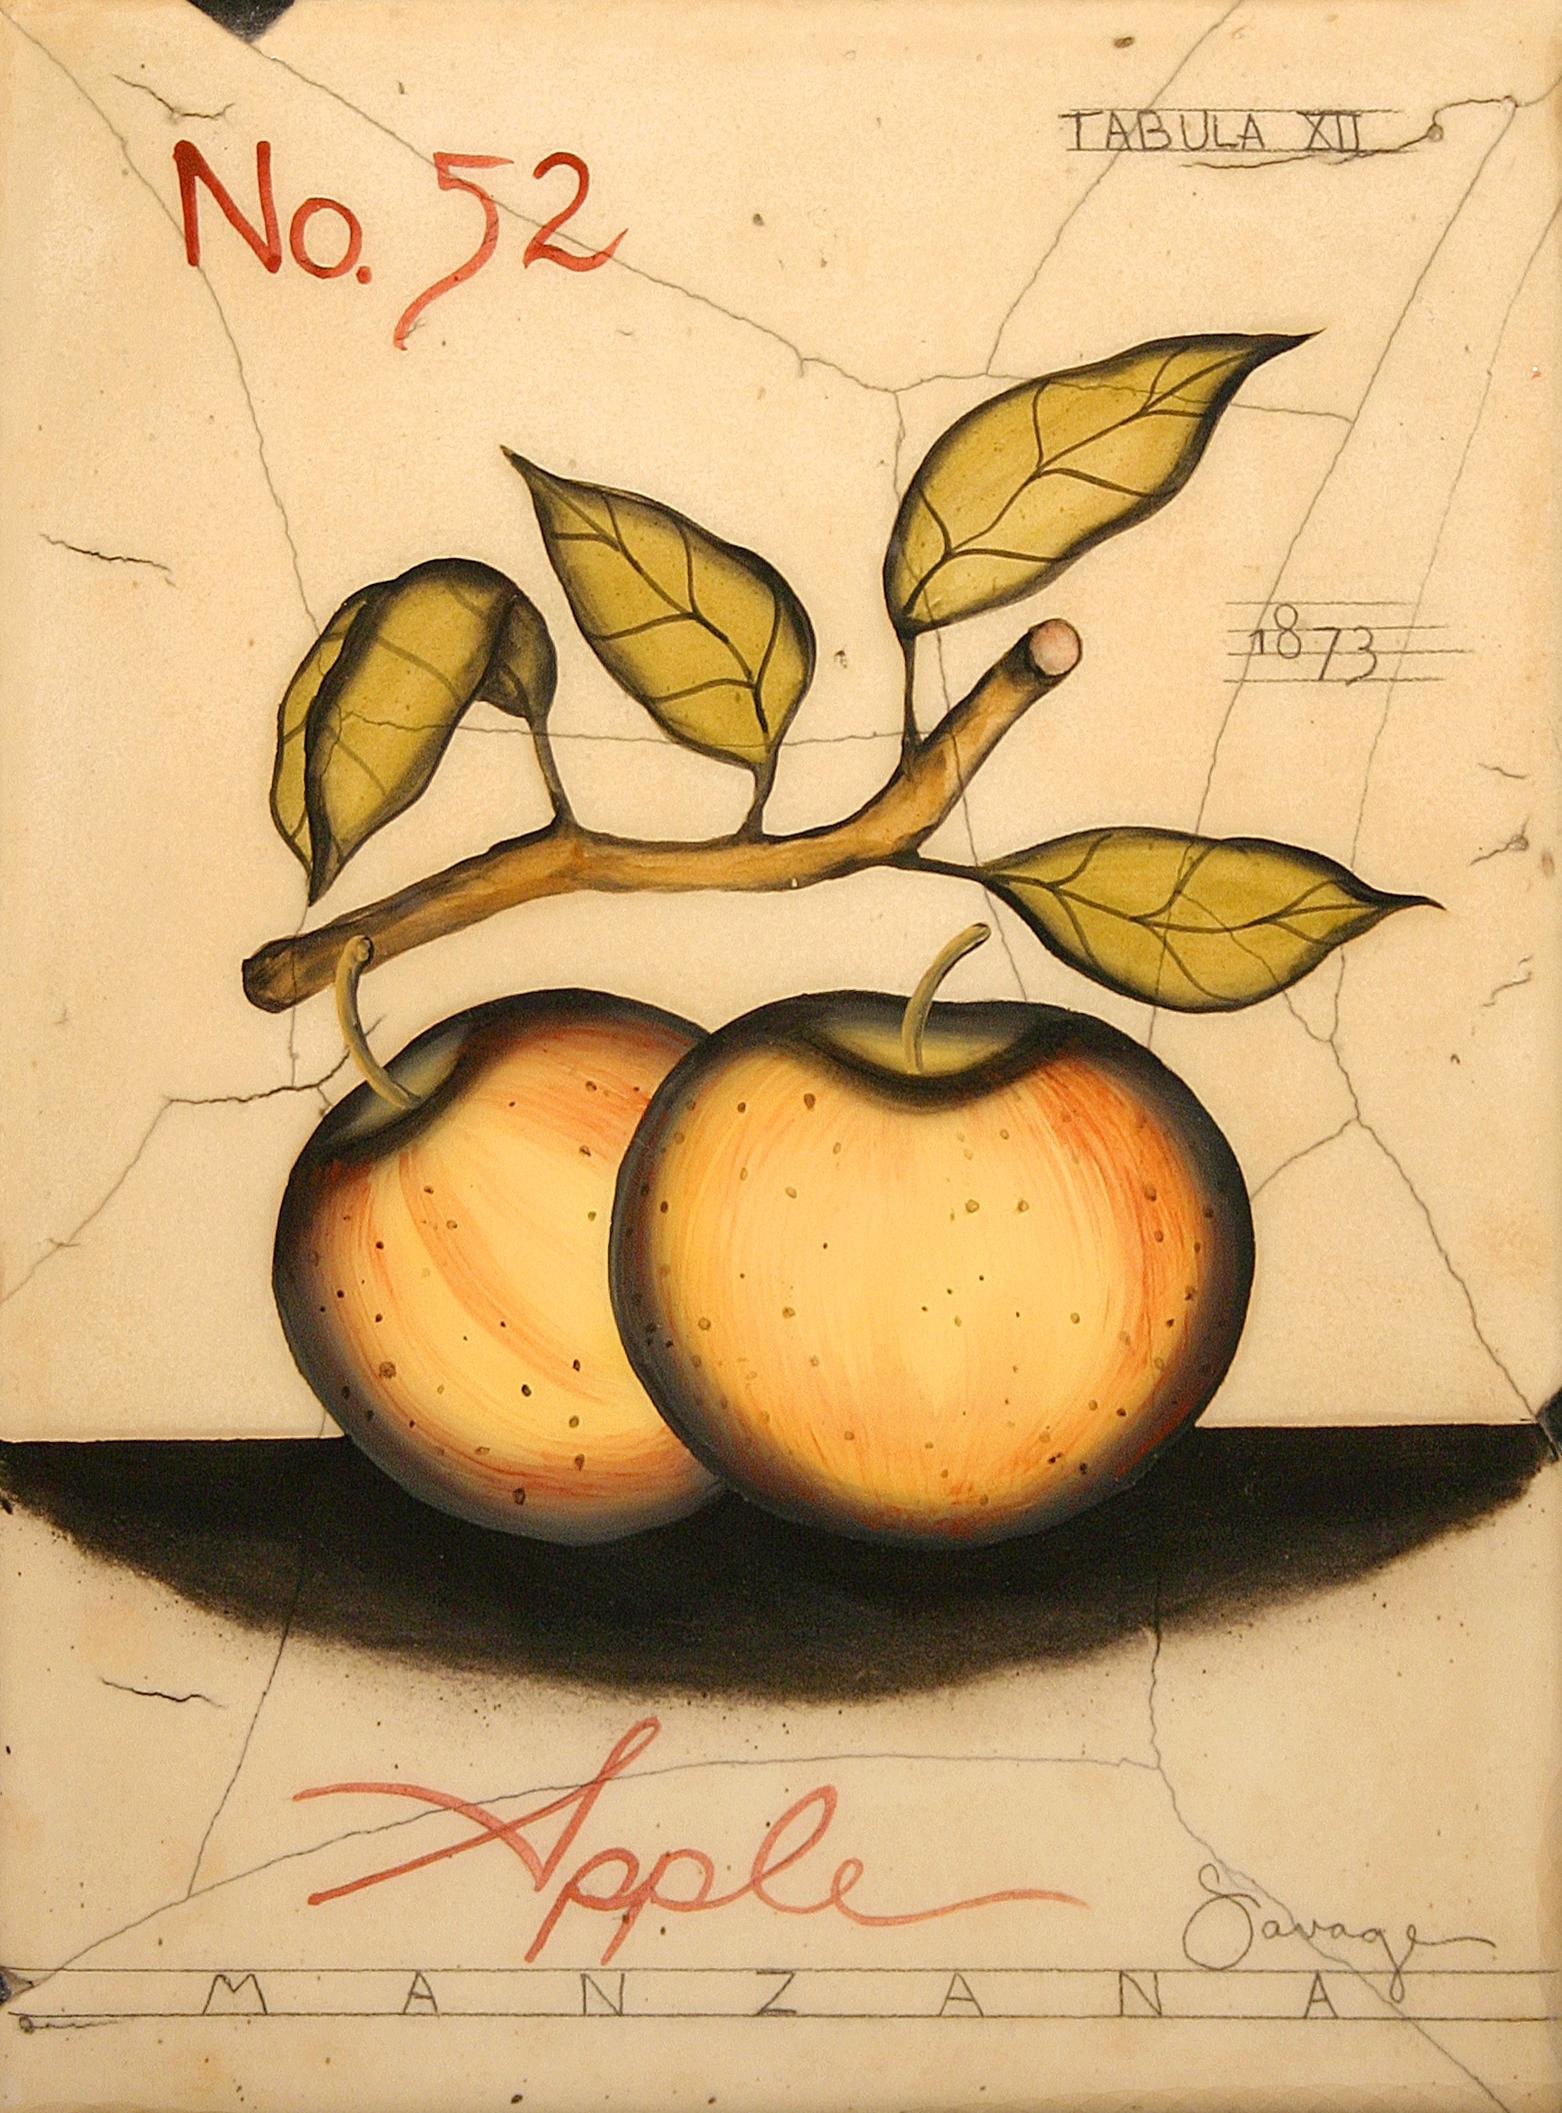 No. 52 Golden Apple